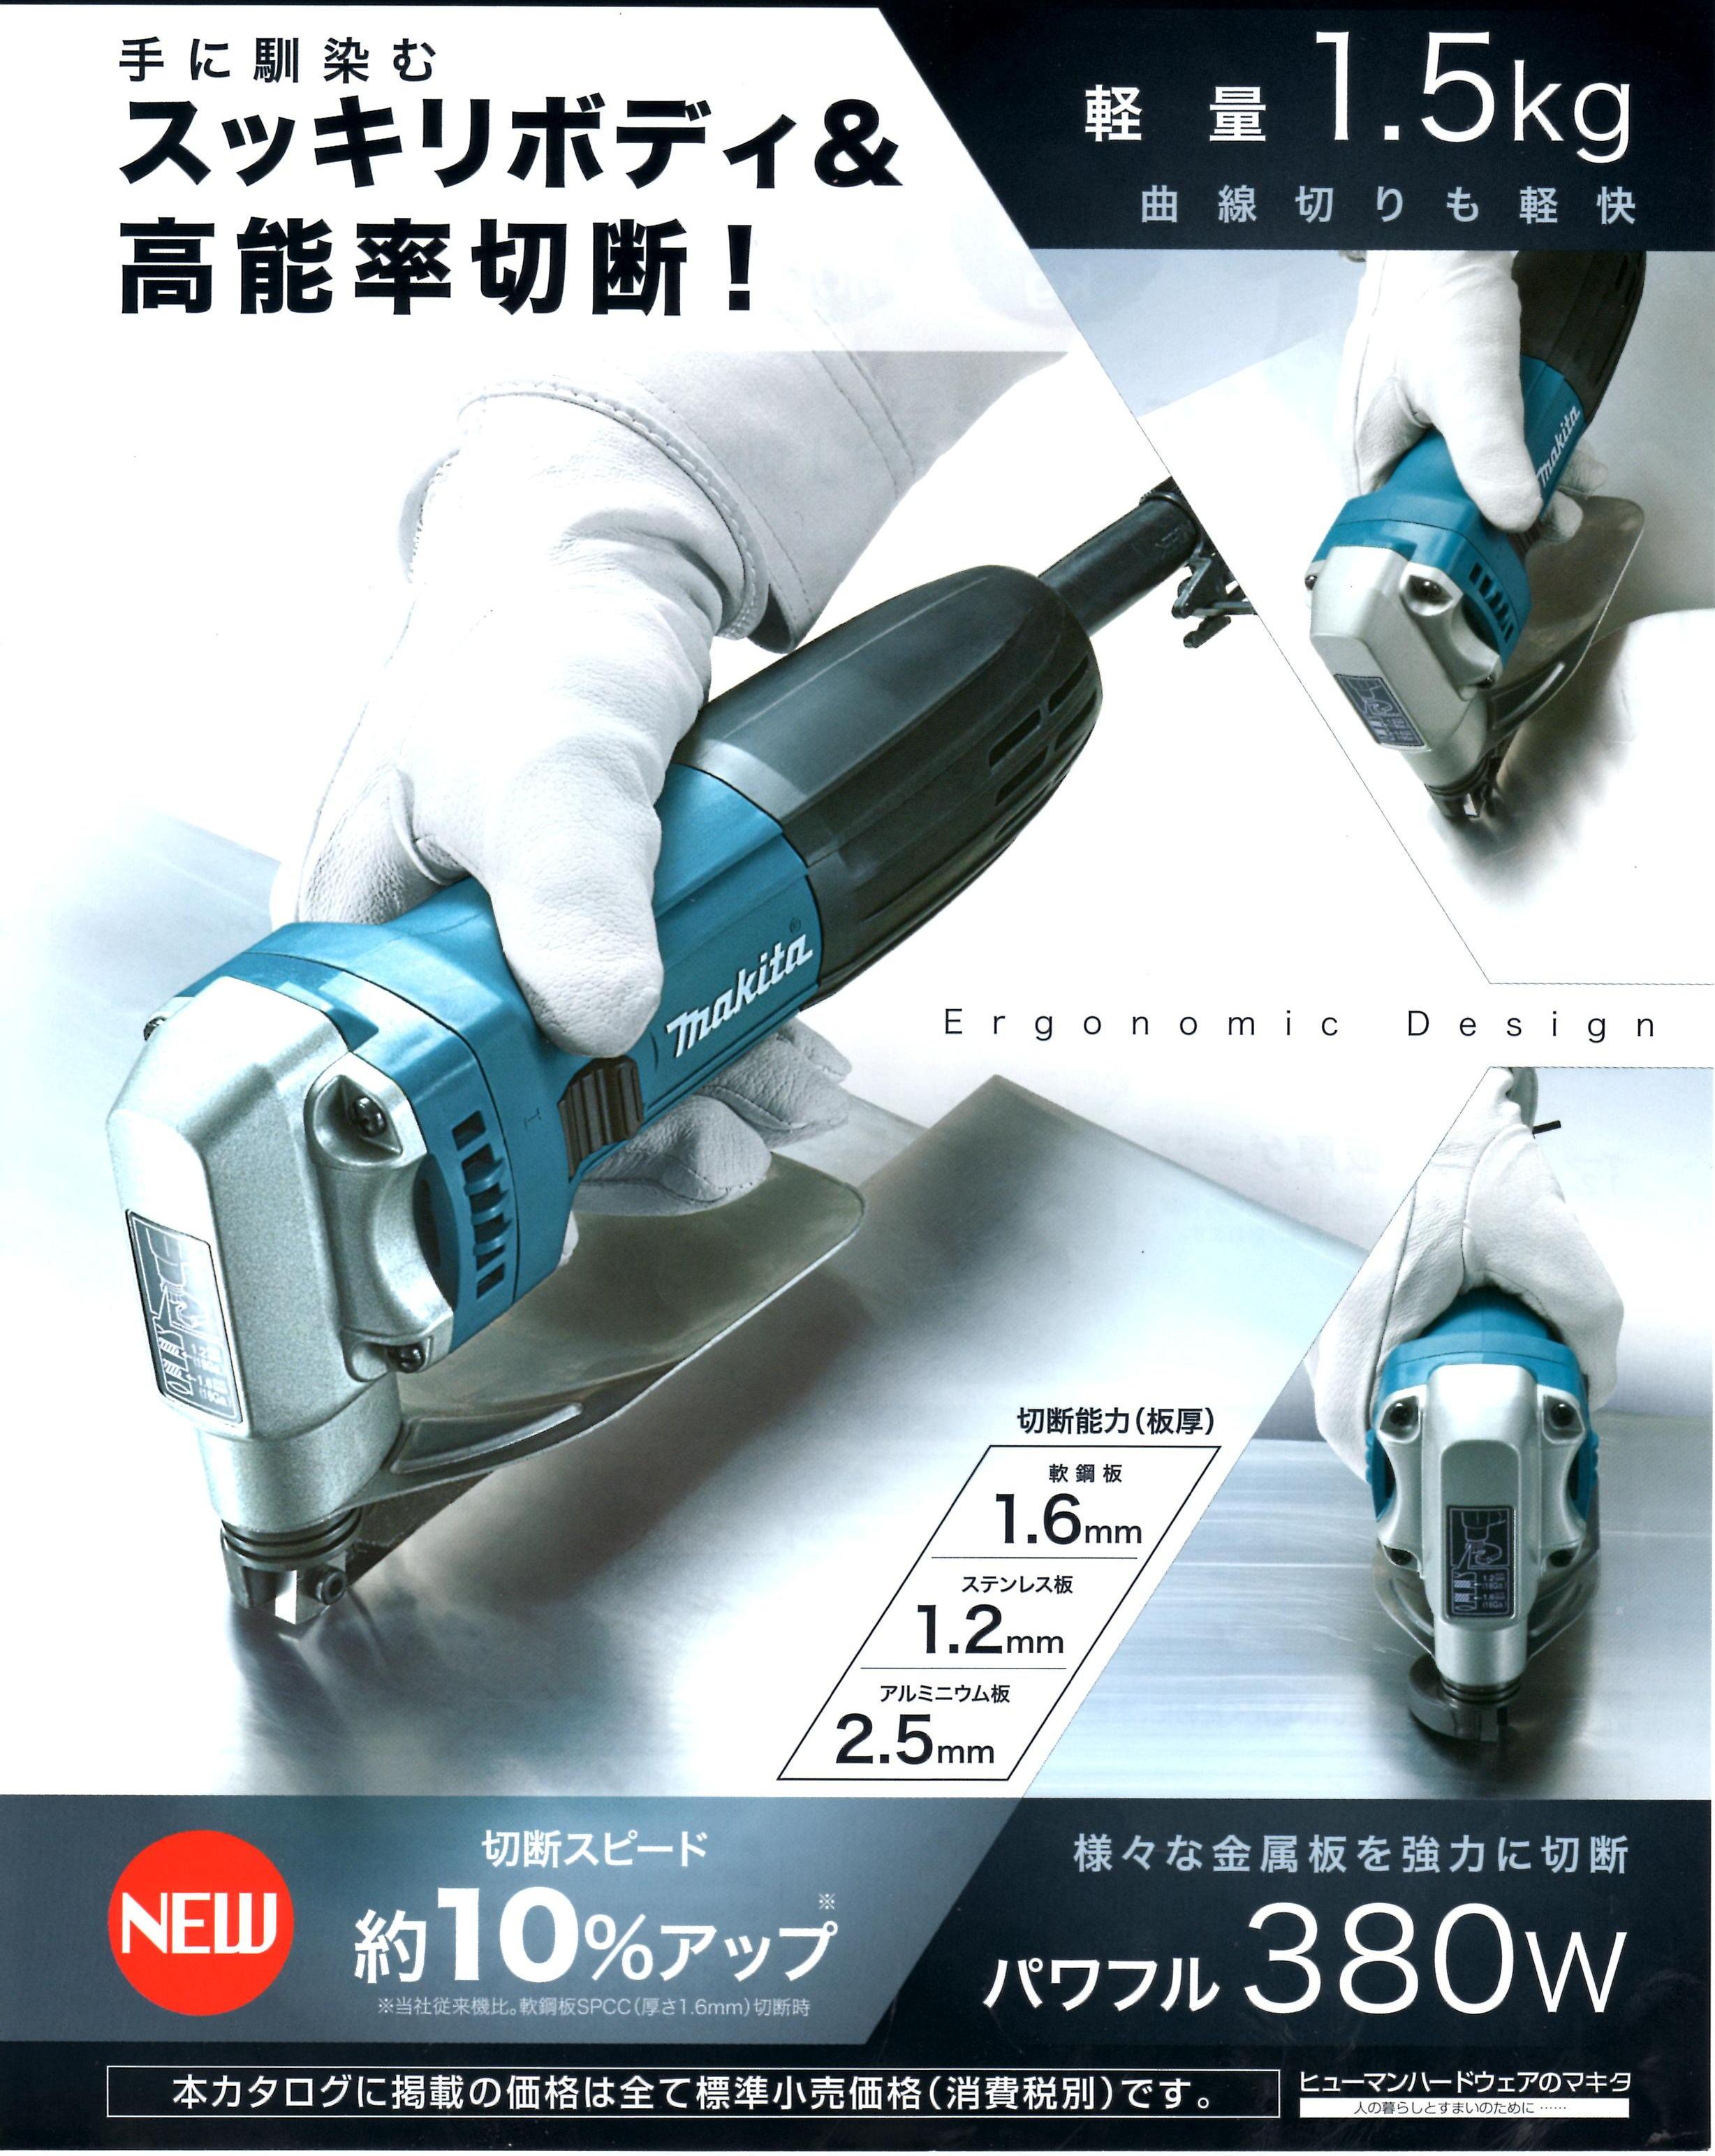 マキタ 1.6mmシャー JS1602